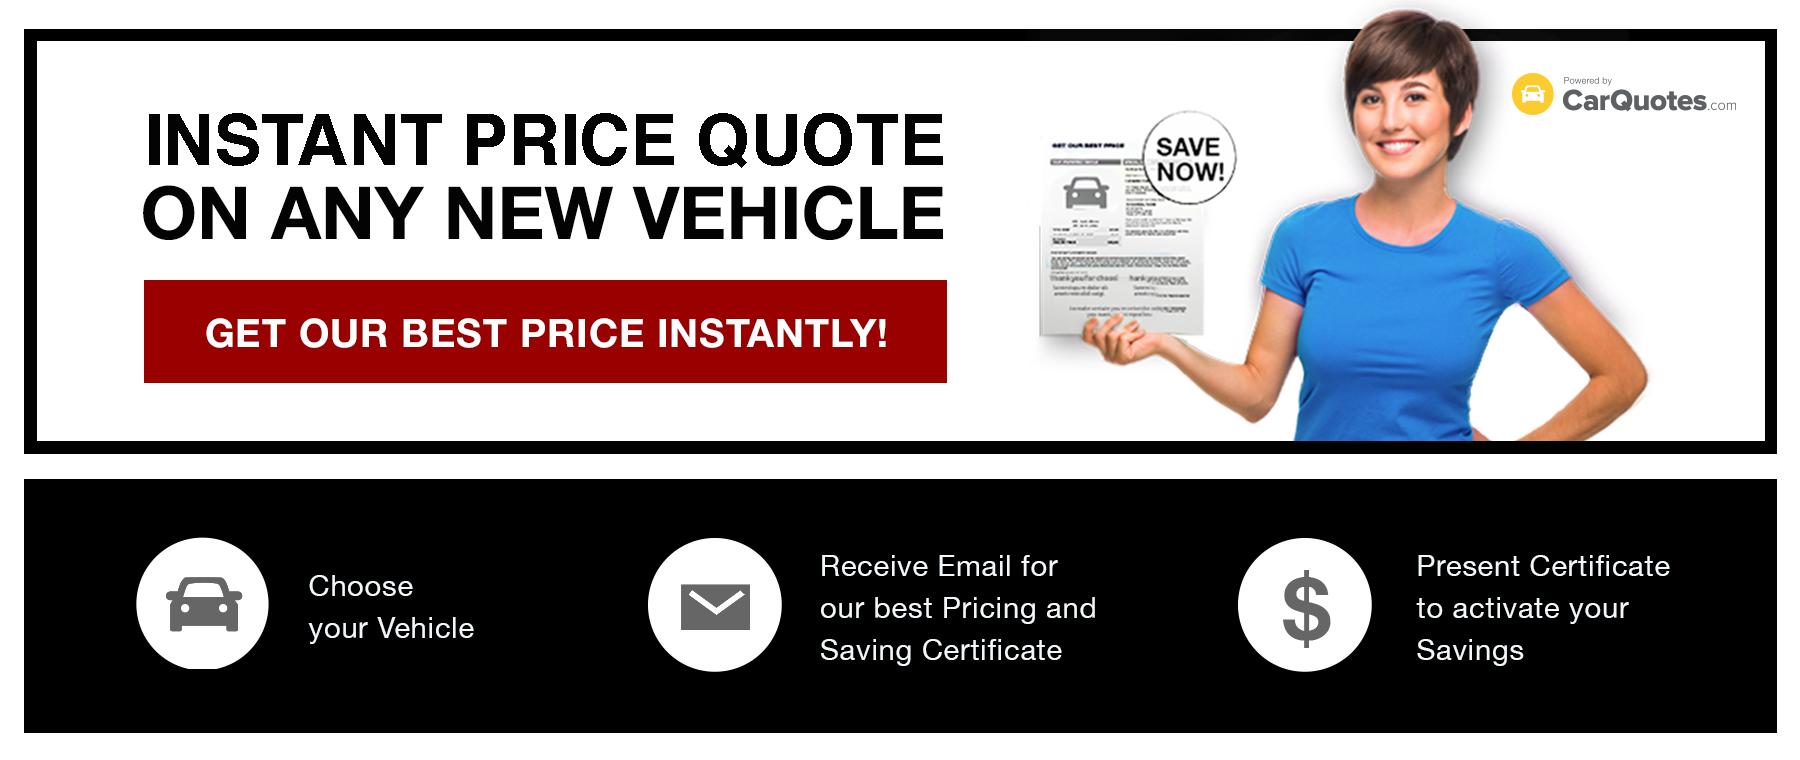 Xray price quote